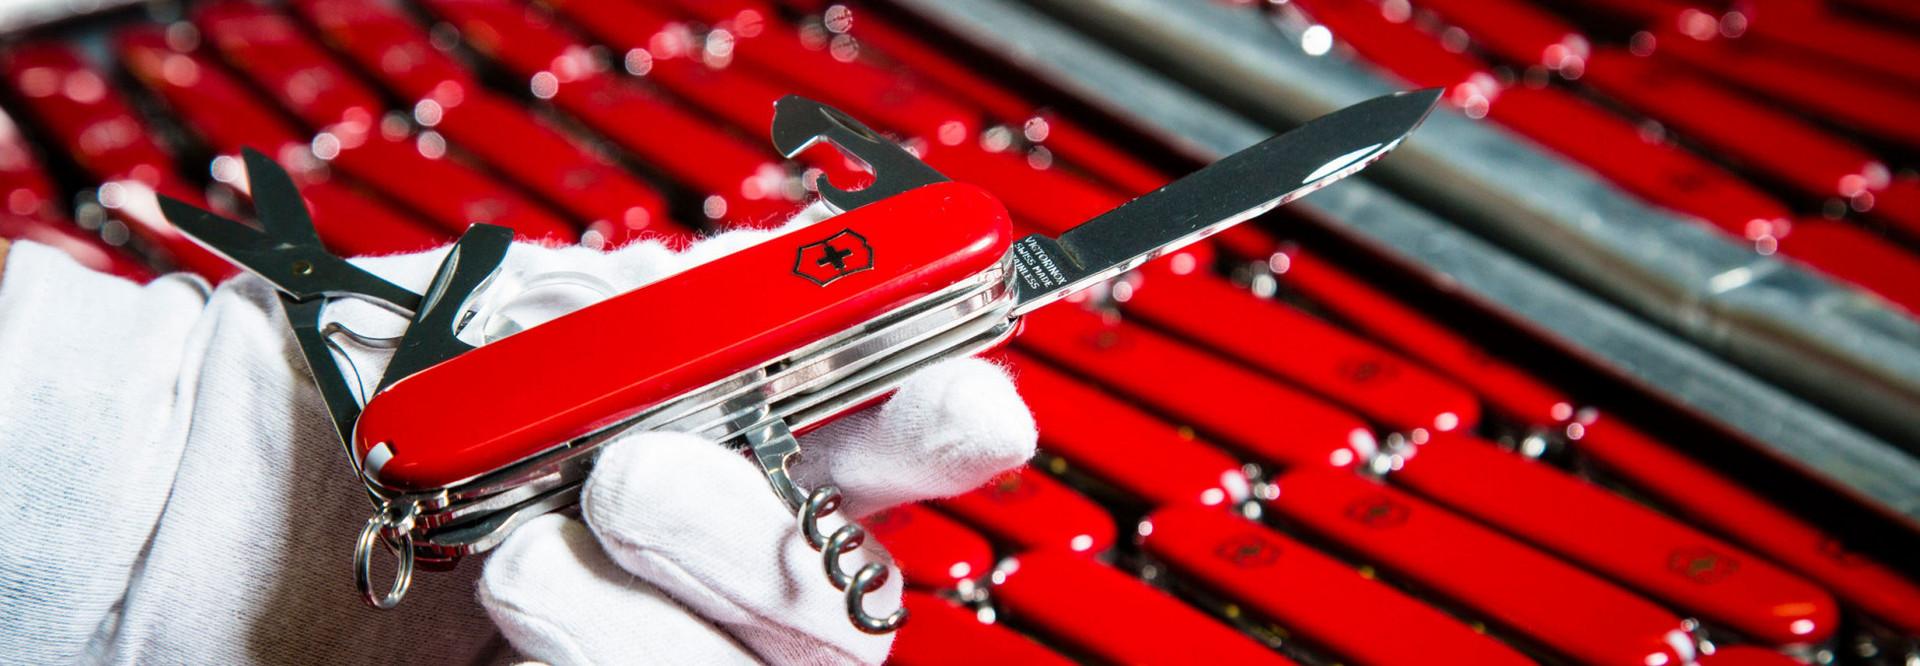 Rote Sackmesser von Victorinox